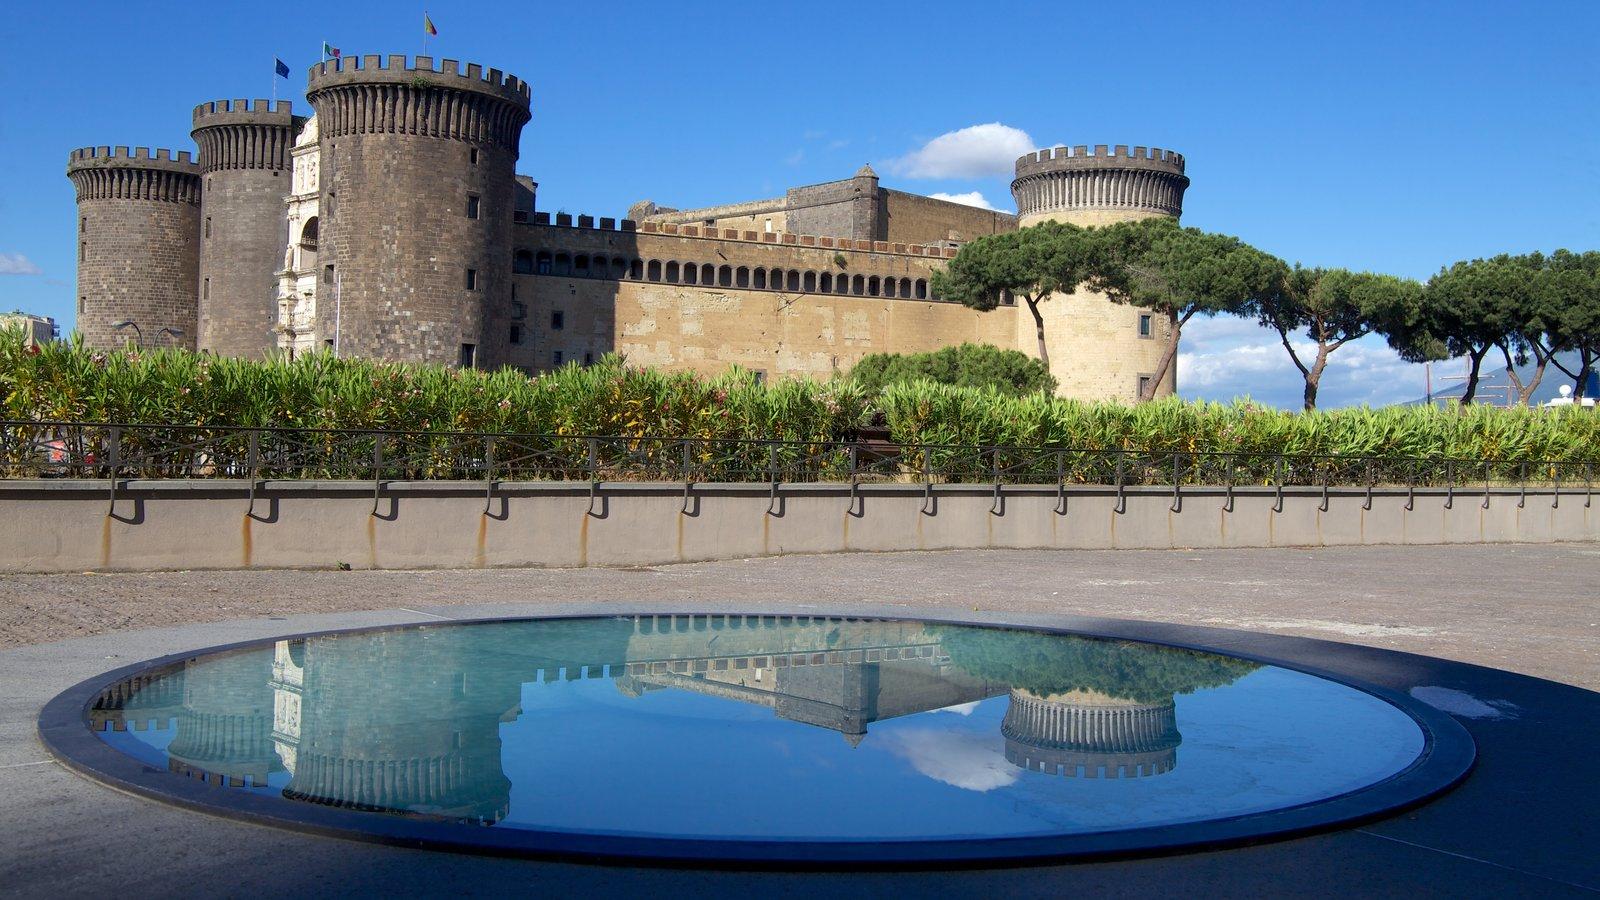 Piazza del Municipio caracterizando um pequeno castelo ou palácio e um lago